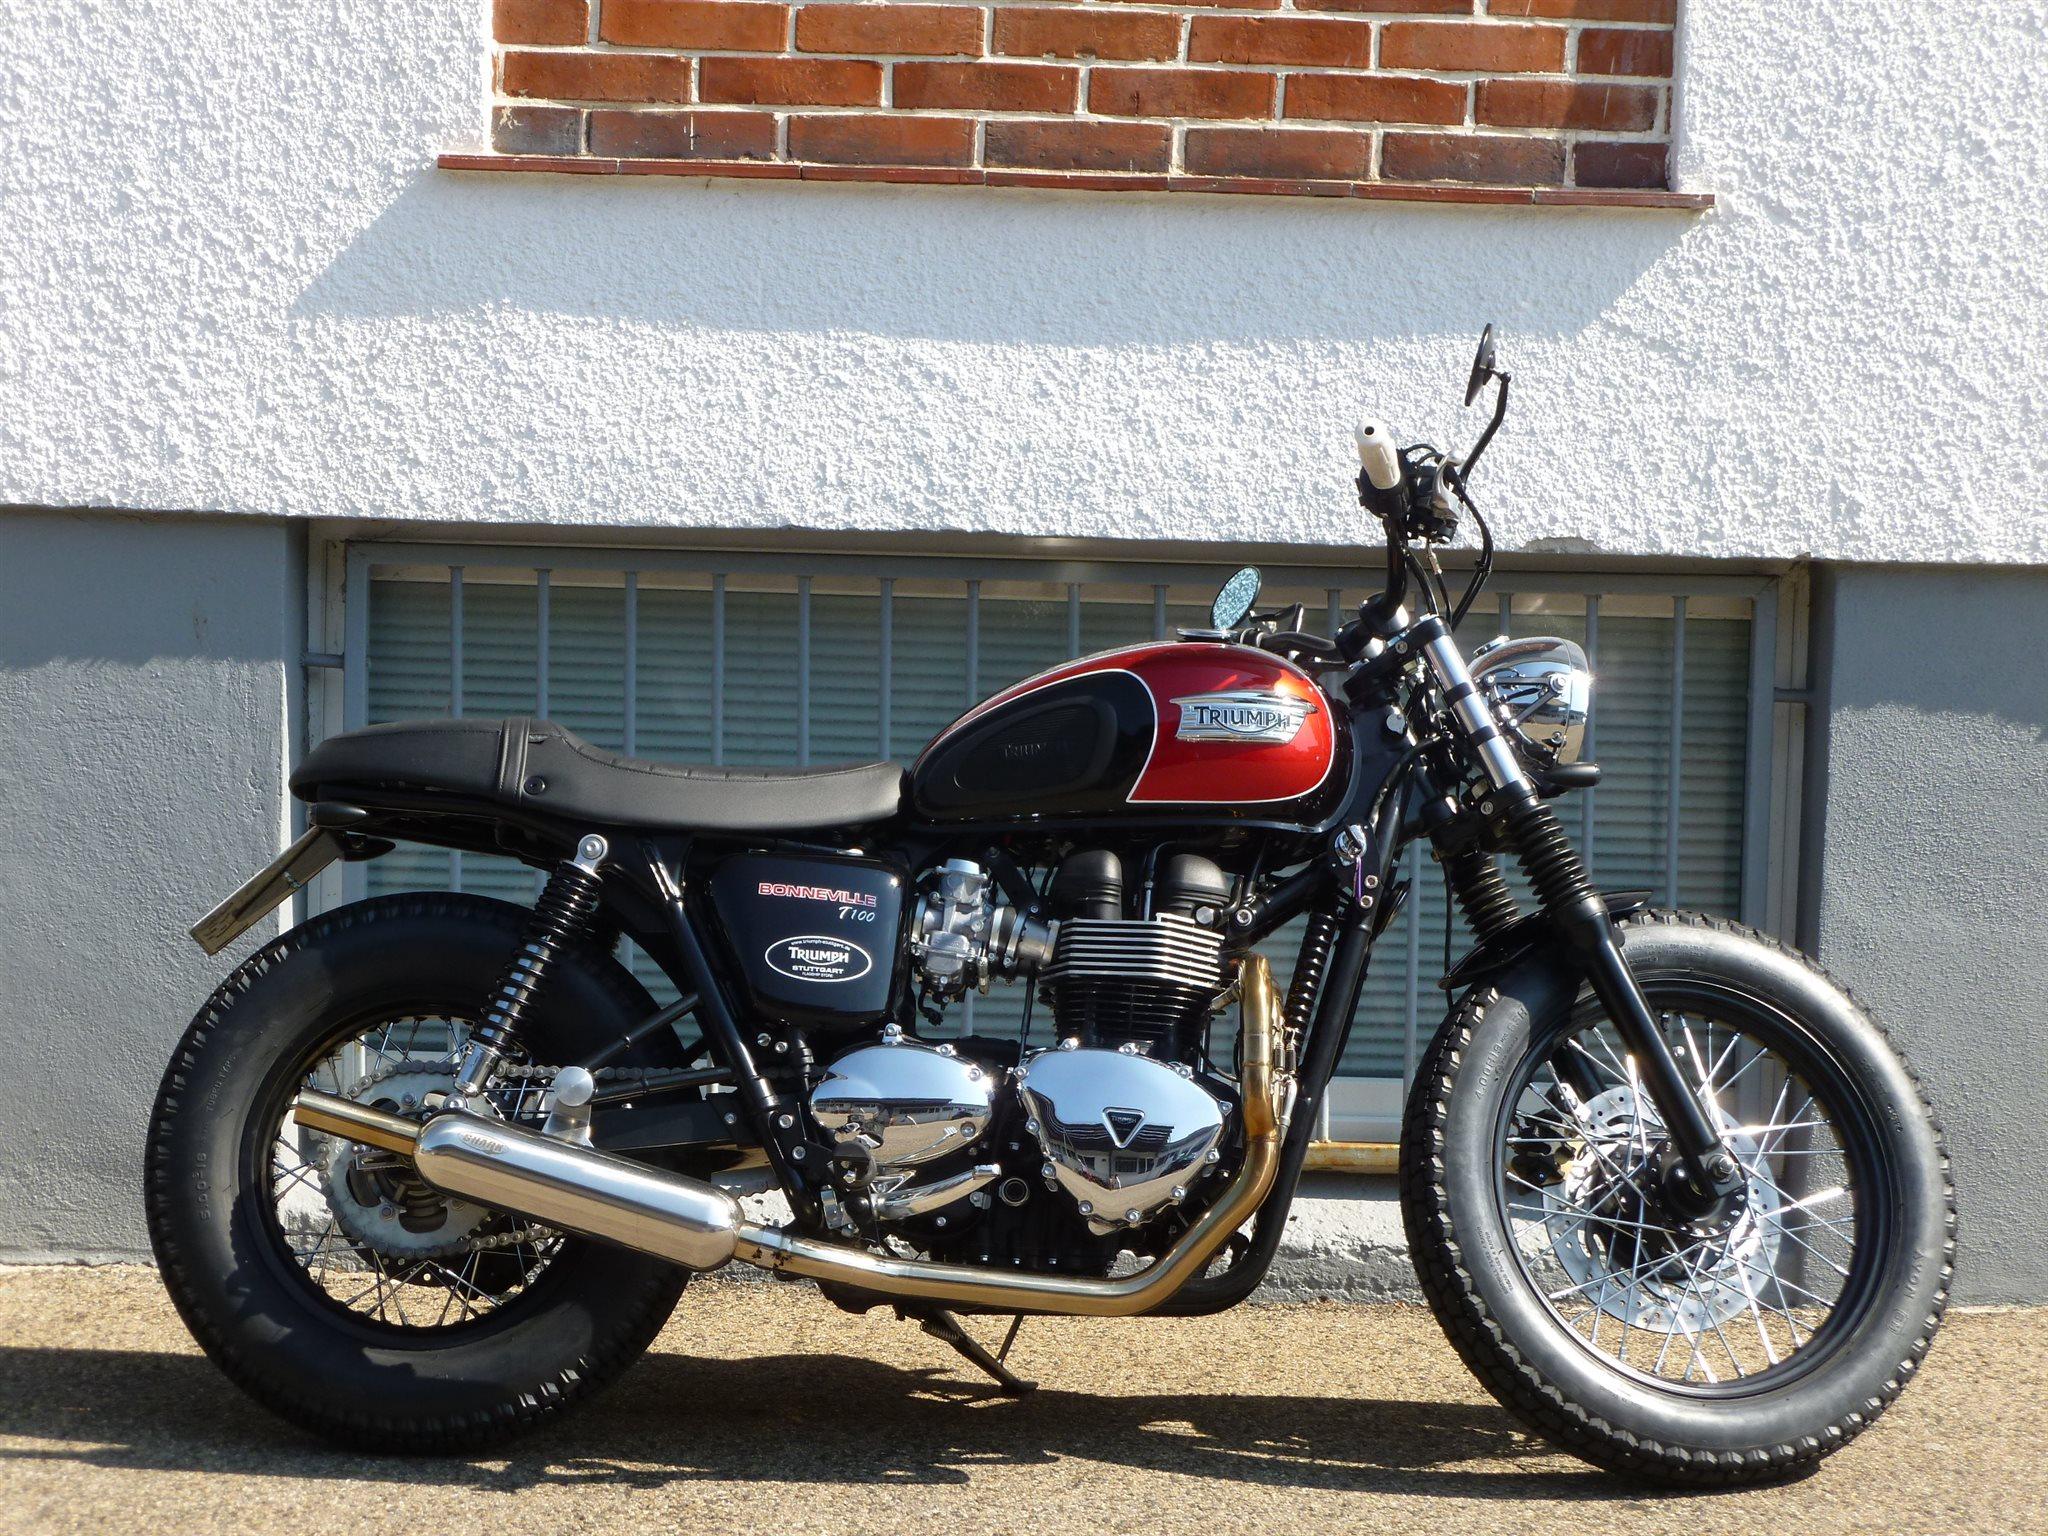 umgebautes motorrad triumph bonneville t100 von sbf triumph bikes parts gmbh co kg. Black Bedroom Furniture Sets. Home Design Ideas